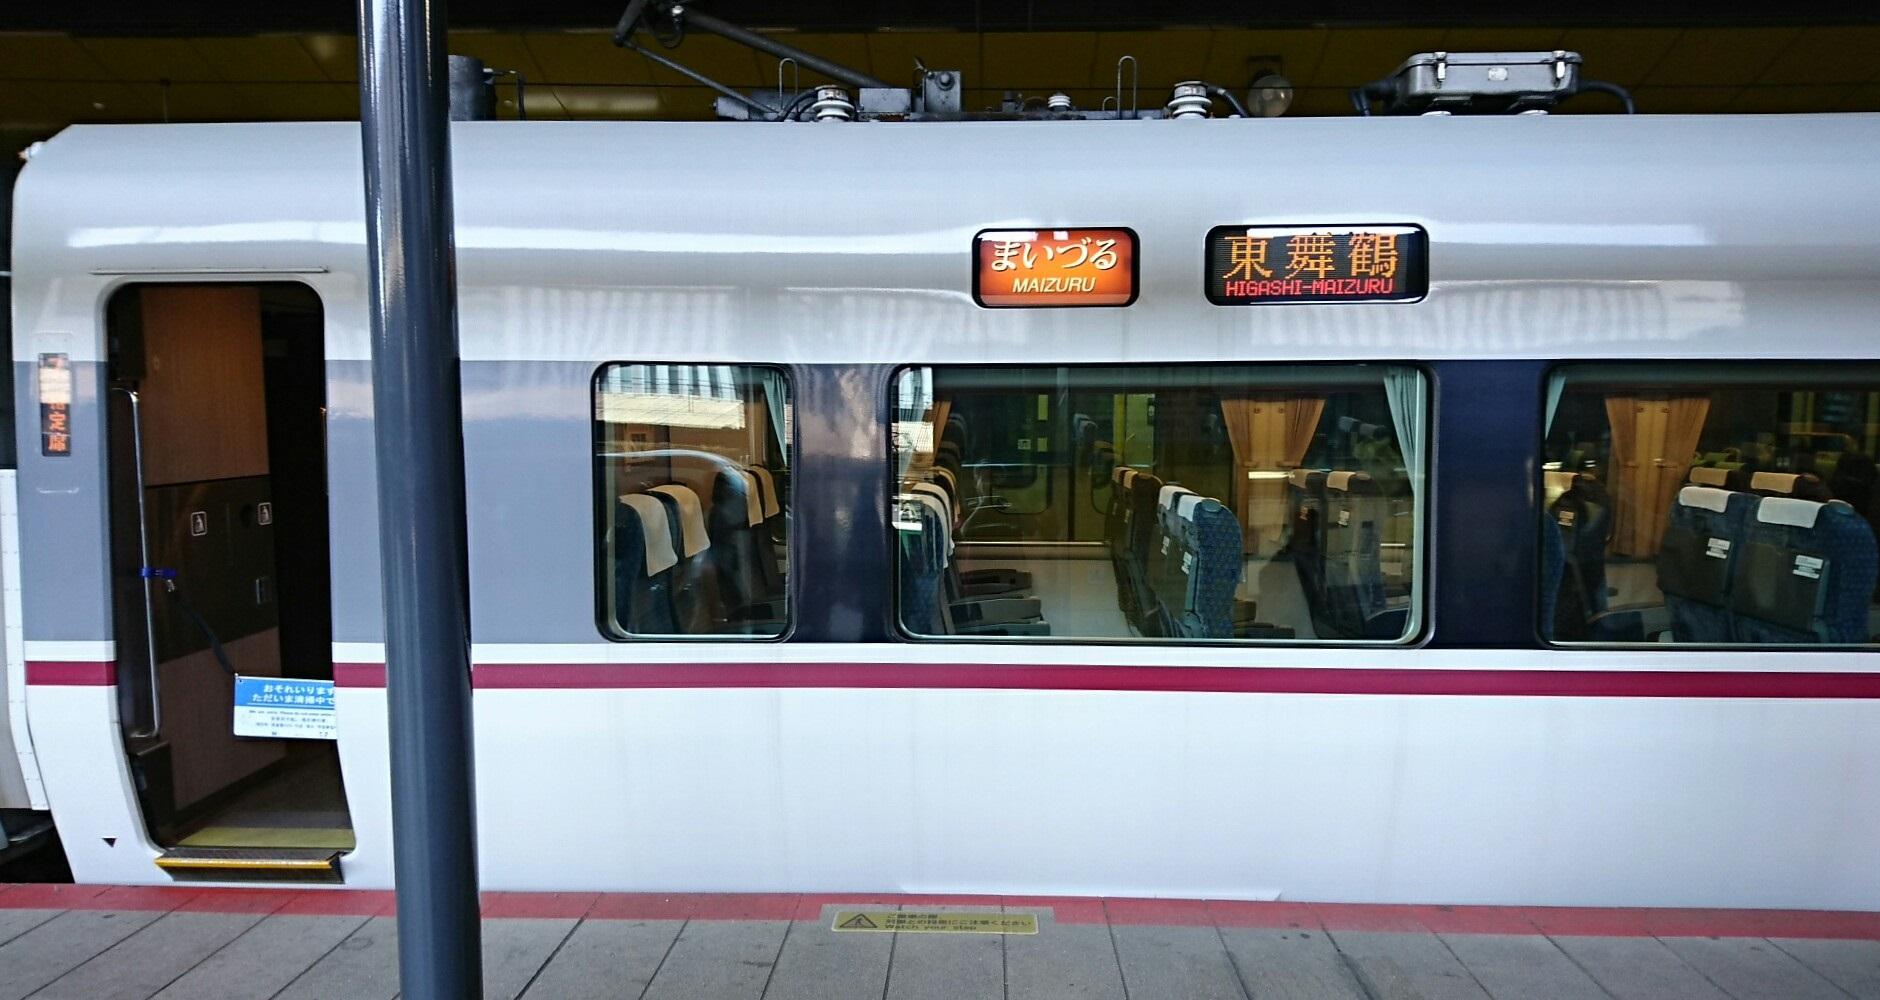 2017.6.4 天橋立 (142) 京都 - まいづる7号 1880-1000